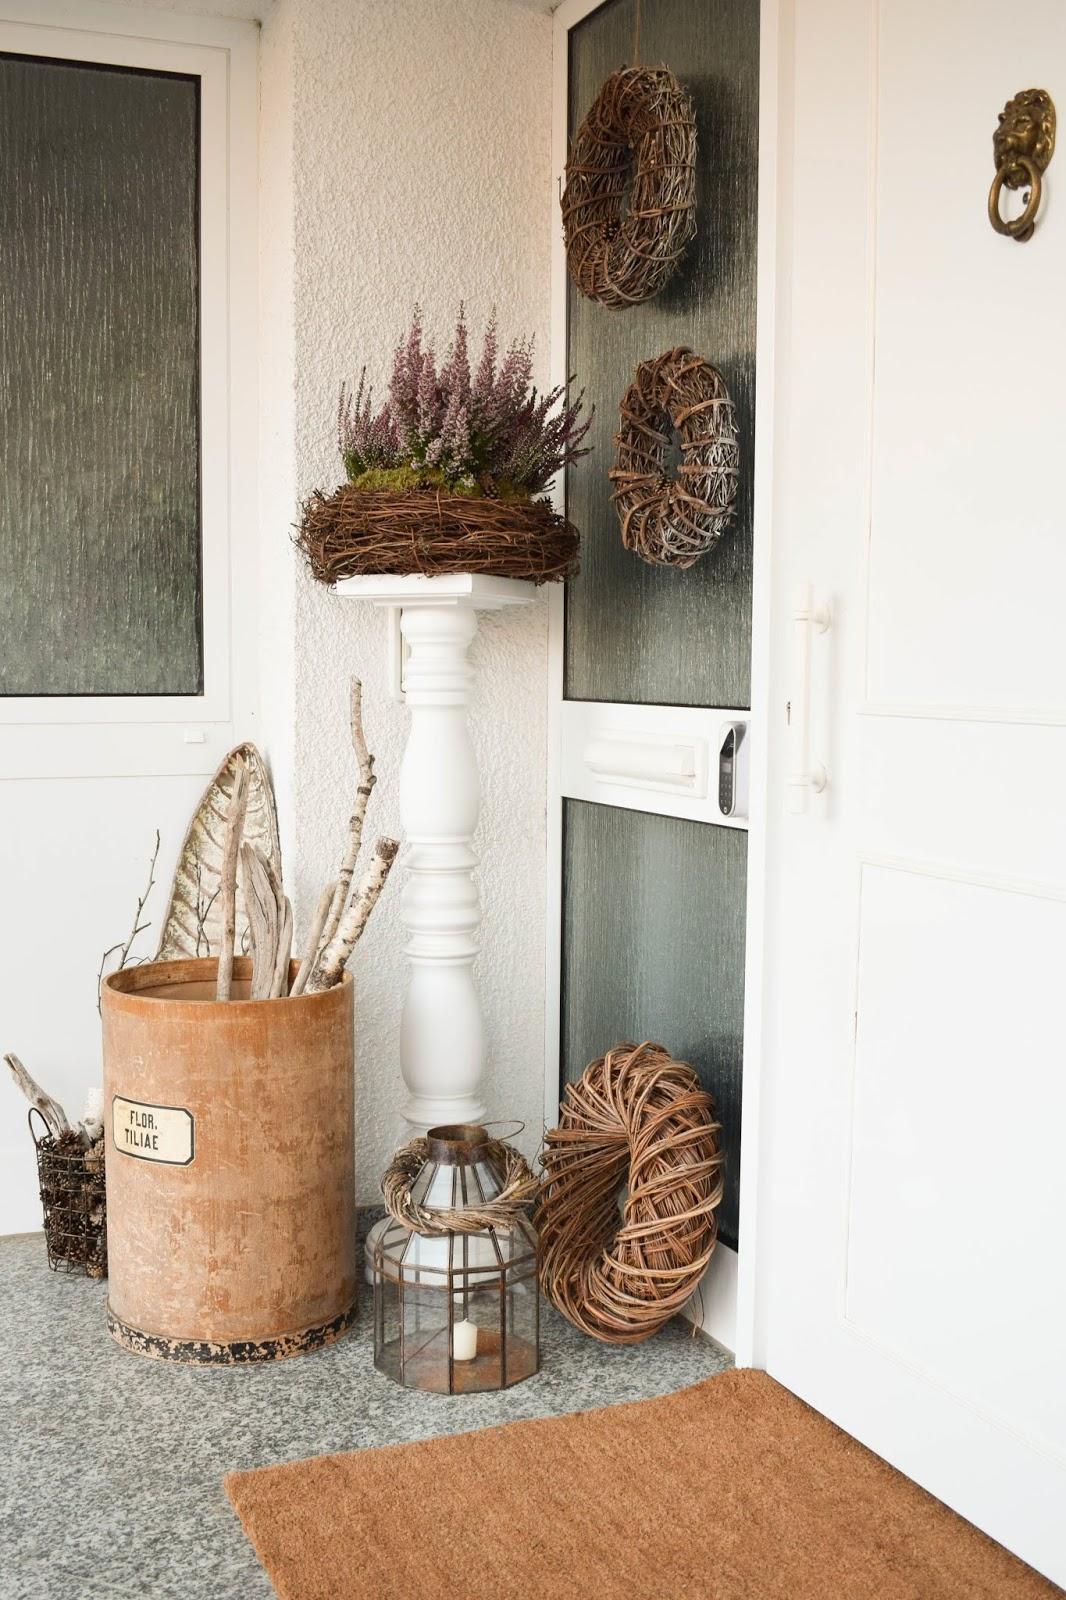 Herbstdeko Dekoidee Herbst Kränze Eingang Tür natürlich dekorieren Renovierung Tür, Eingang, Diele. Yale Entr Smartlock: smartes Türschloss für Haustüre. Renovierung Schliesssystem und intelligente Schliessloesung. Smart Home Ideen